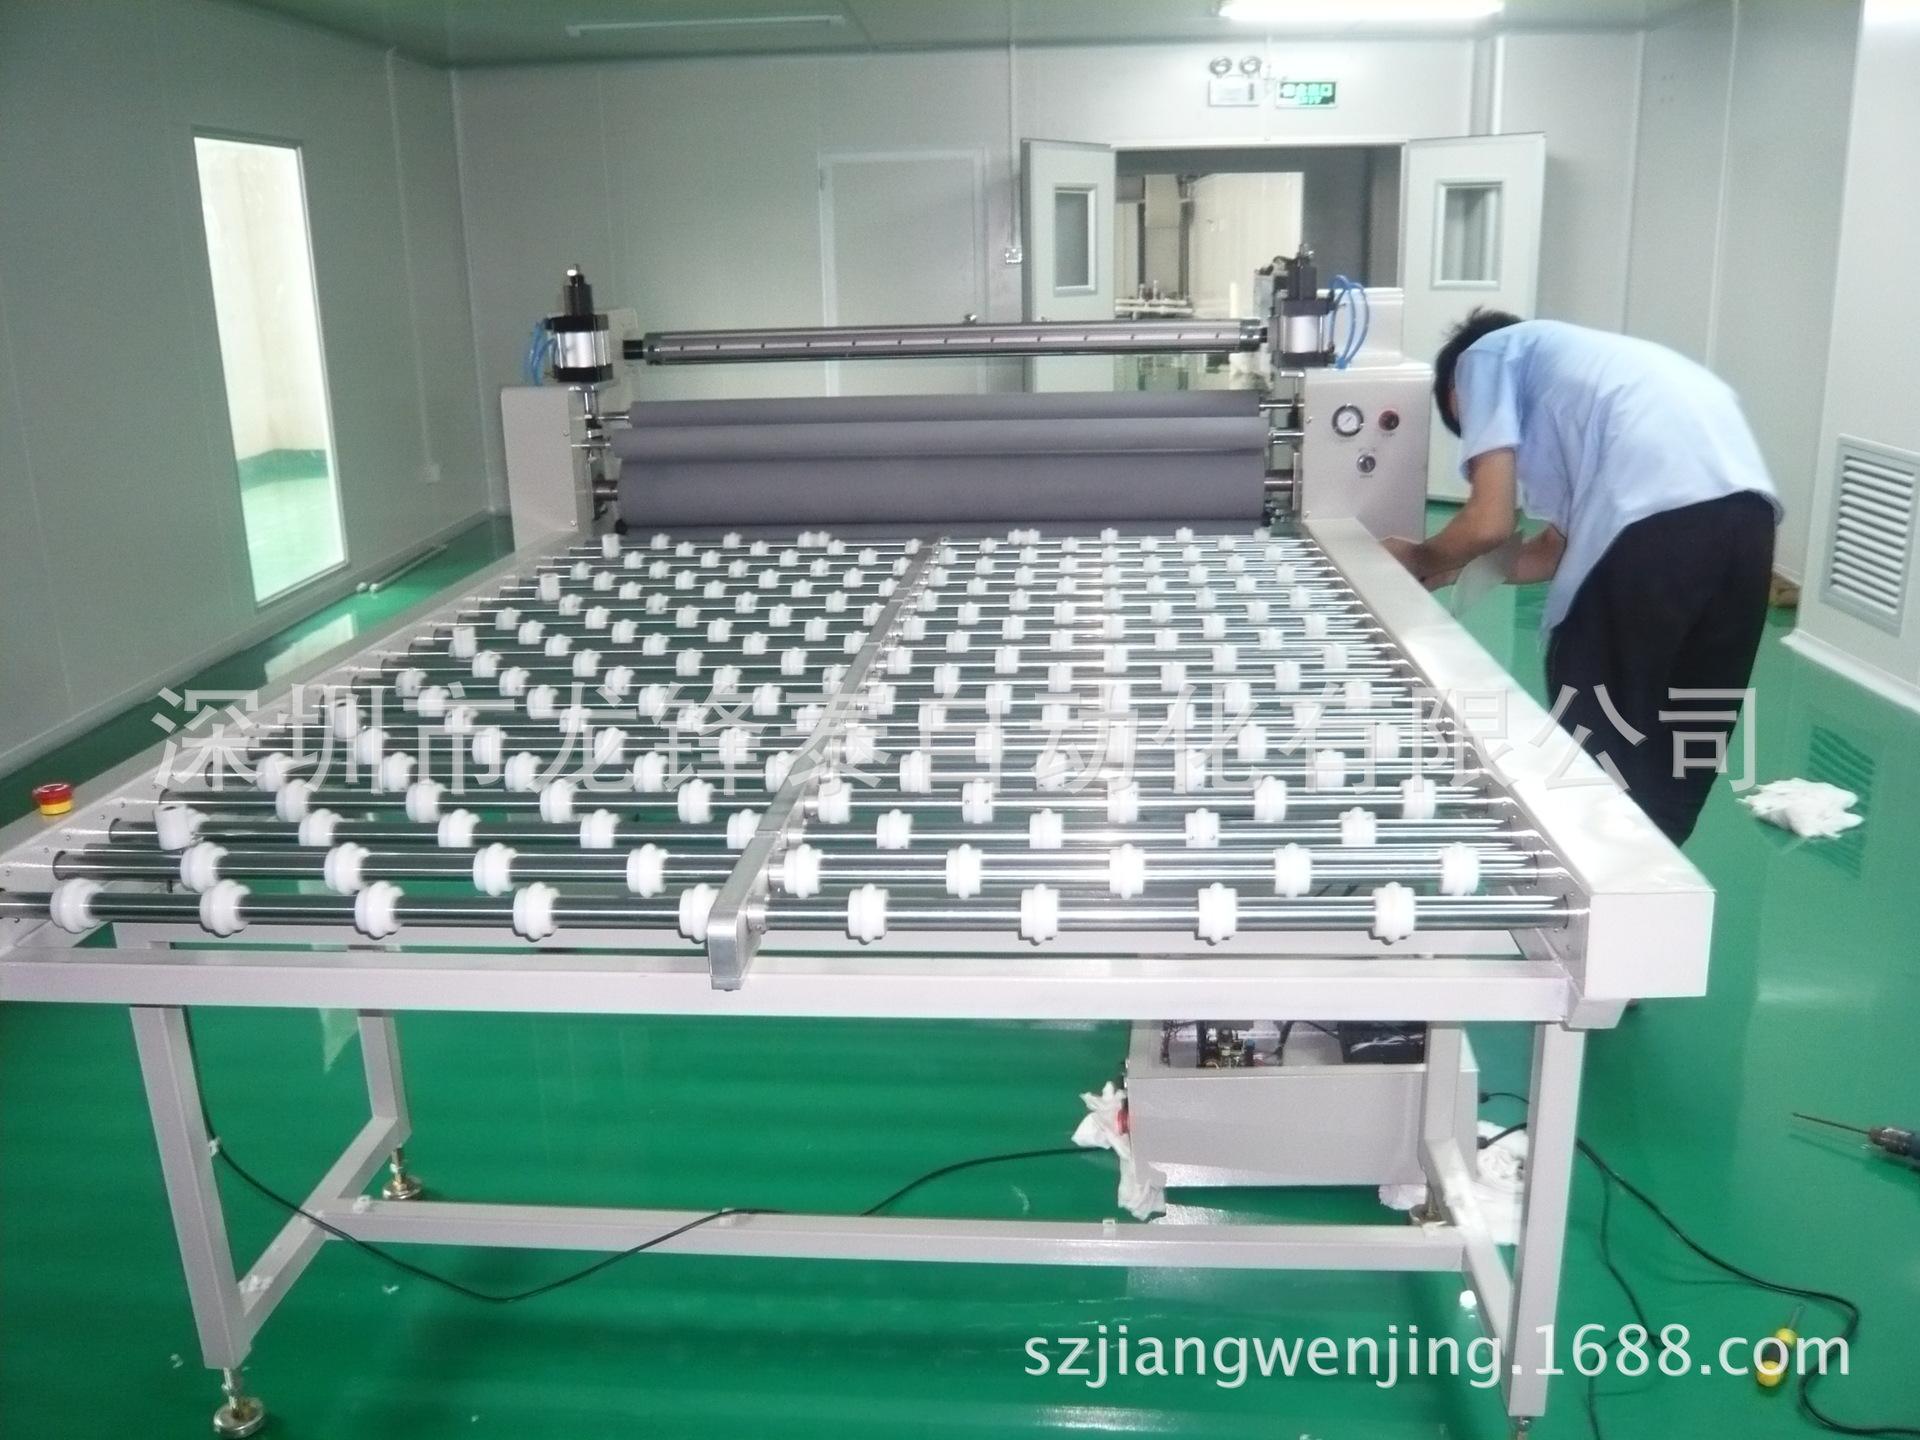 全自動覆膜機 玻璃覆膜機 雙面小型覆膜機 貼膜機 自動切膜送料